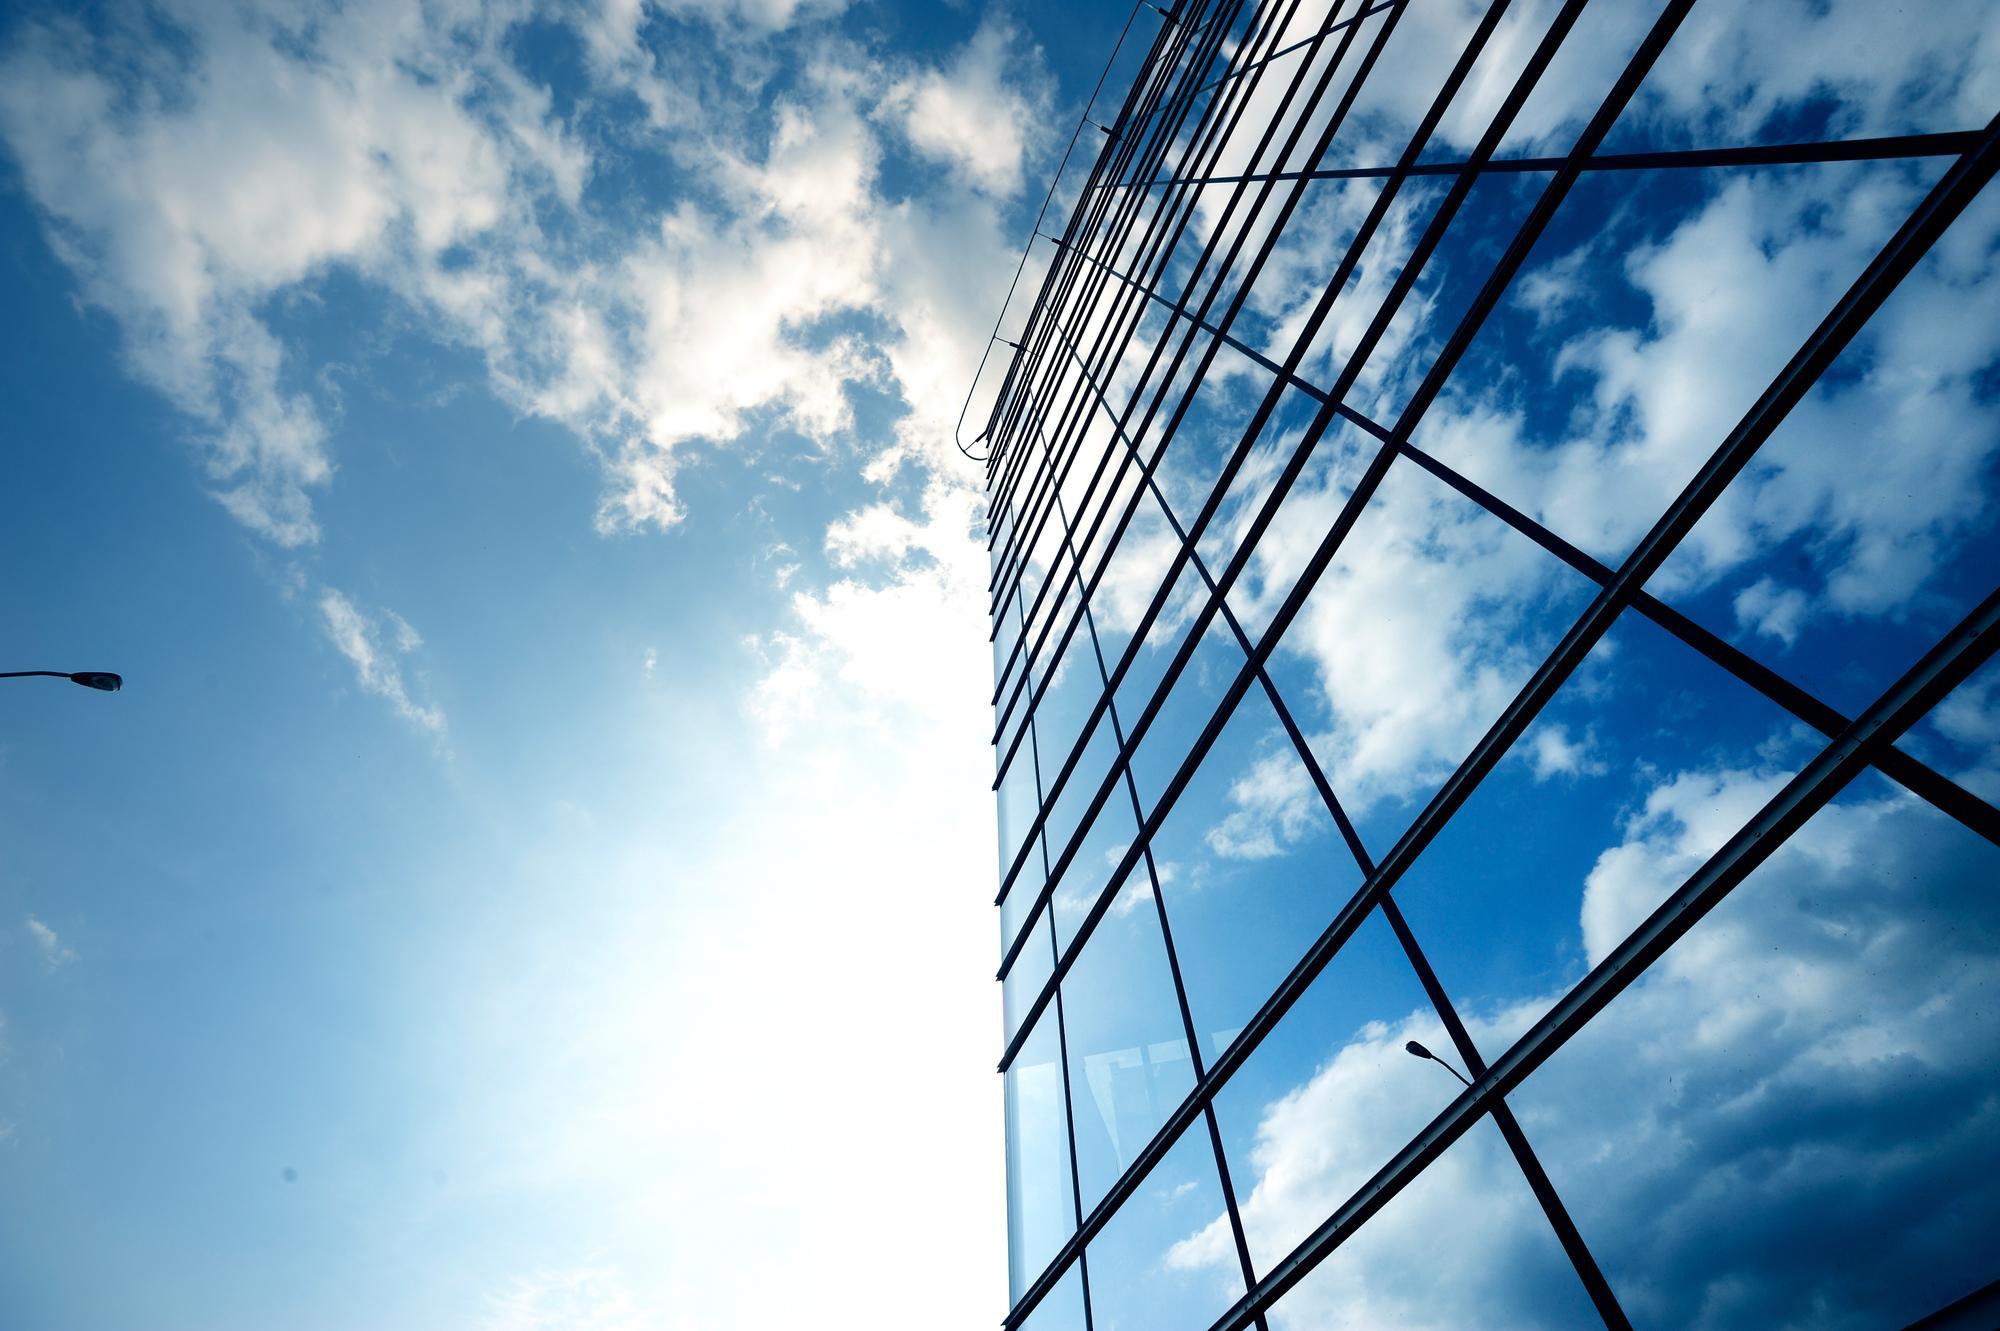 Возможность передачи функций единоличного исполнительного органа  управляющей компании как способ управления  обществом с ограниченной ответственностью